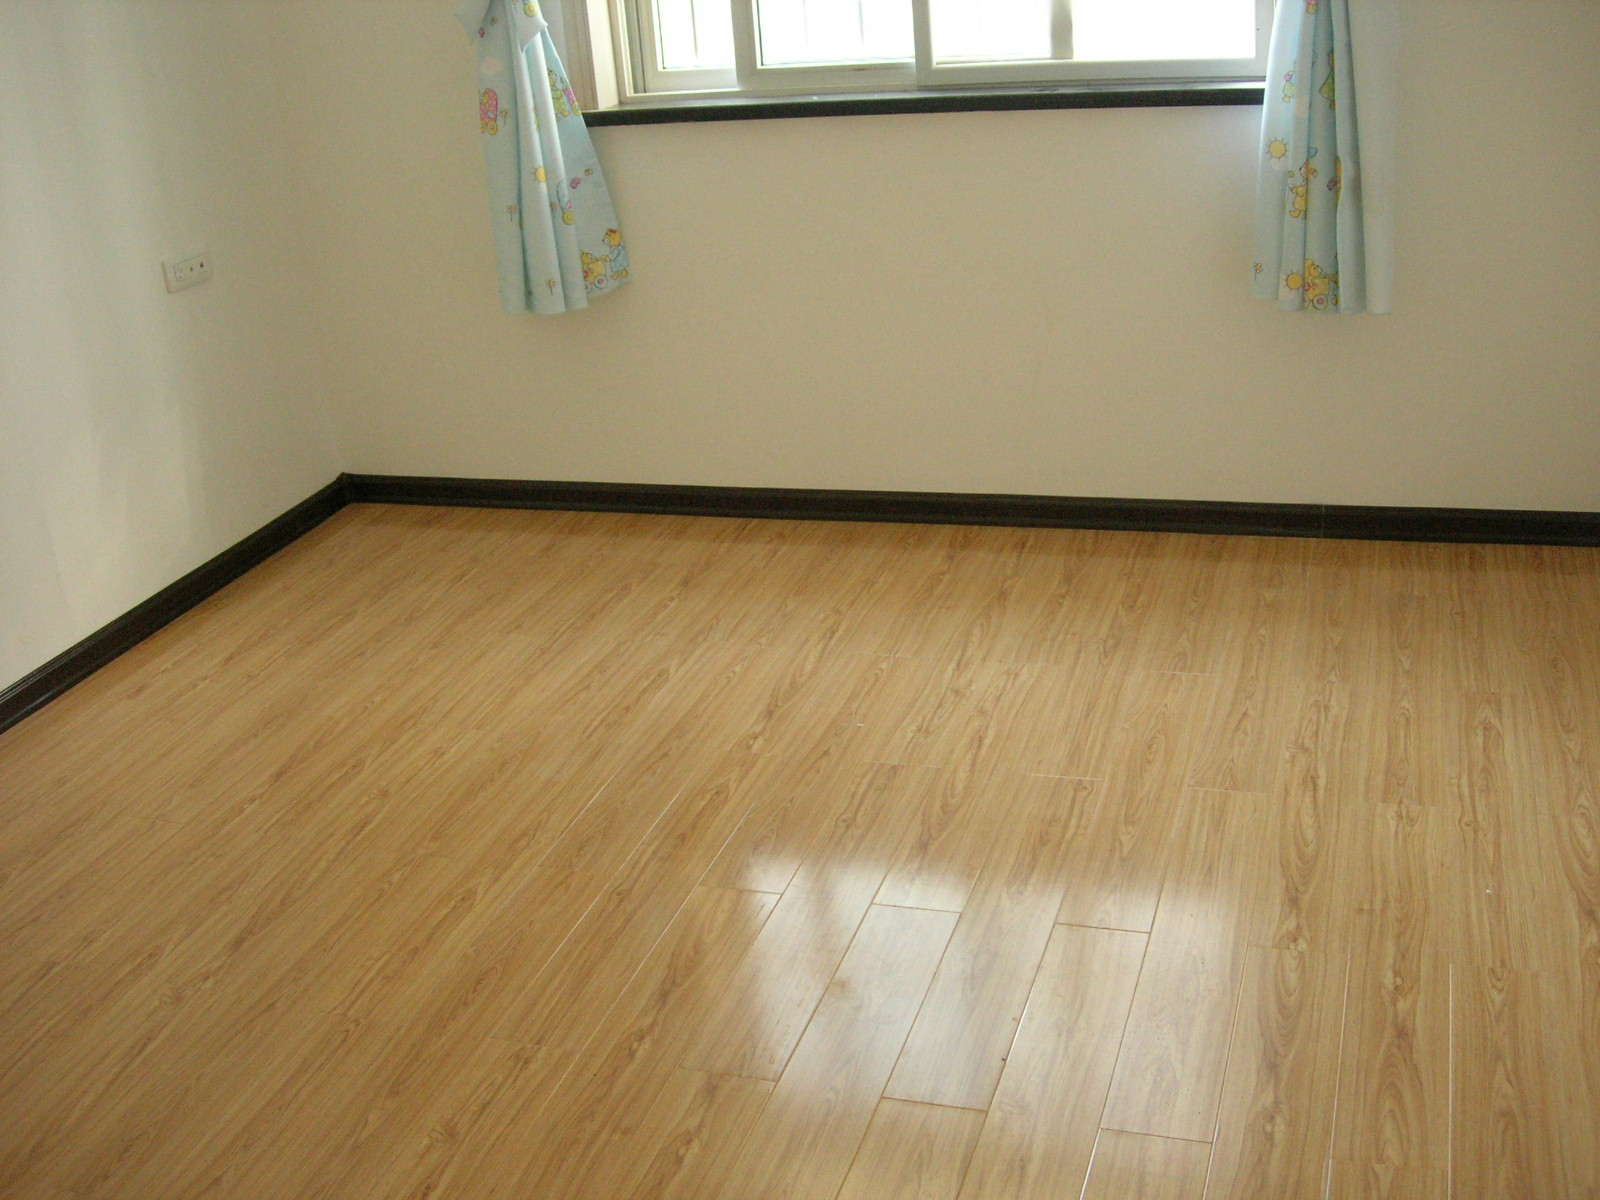 放飞心情,回归自然!格林豪斯地板优质基材,品质保证!有:防滑保健地板系列,抗菌地板系列,真木纹地板系列,陶瓷地板系列,总有一款适合您 联系我时请说明是在莘县在线看到的 同城交易请当面进行,以免造成损失。外地交易信息或者超低价商品请慎重,谨防上当受骗。